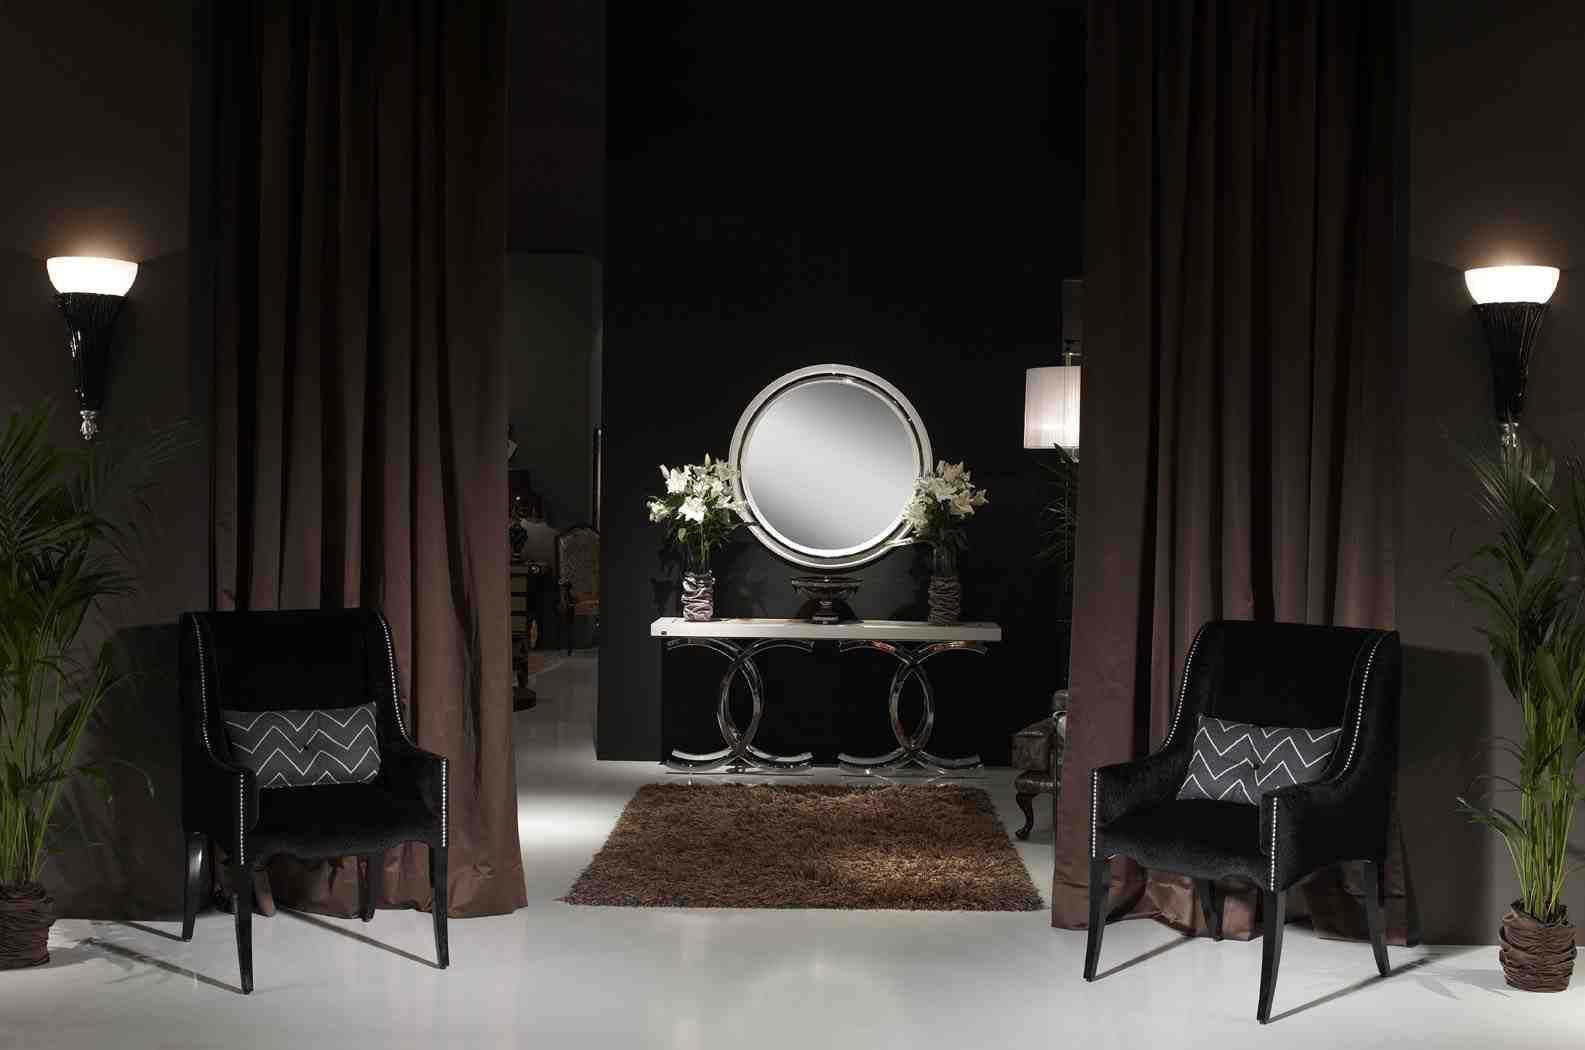 Antique Italian Classic Furniture Furniture Design Services For Interior Design